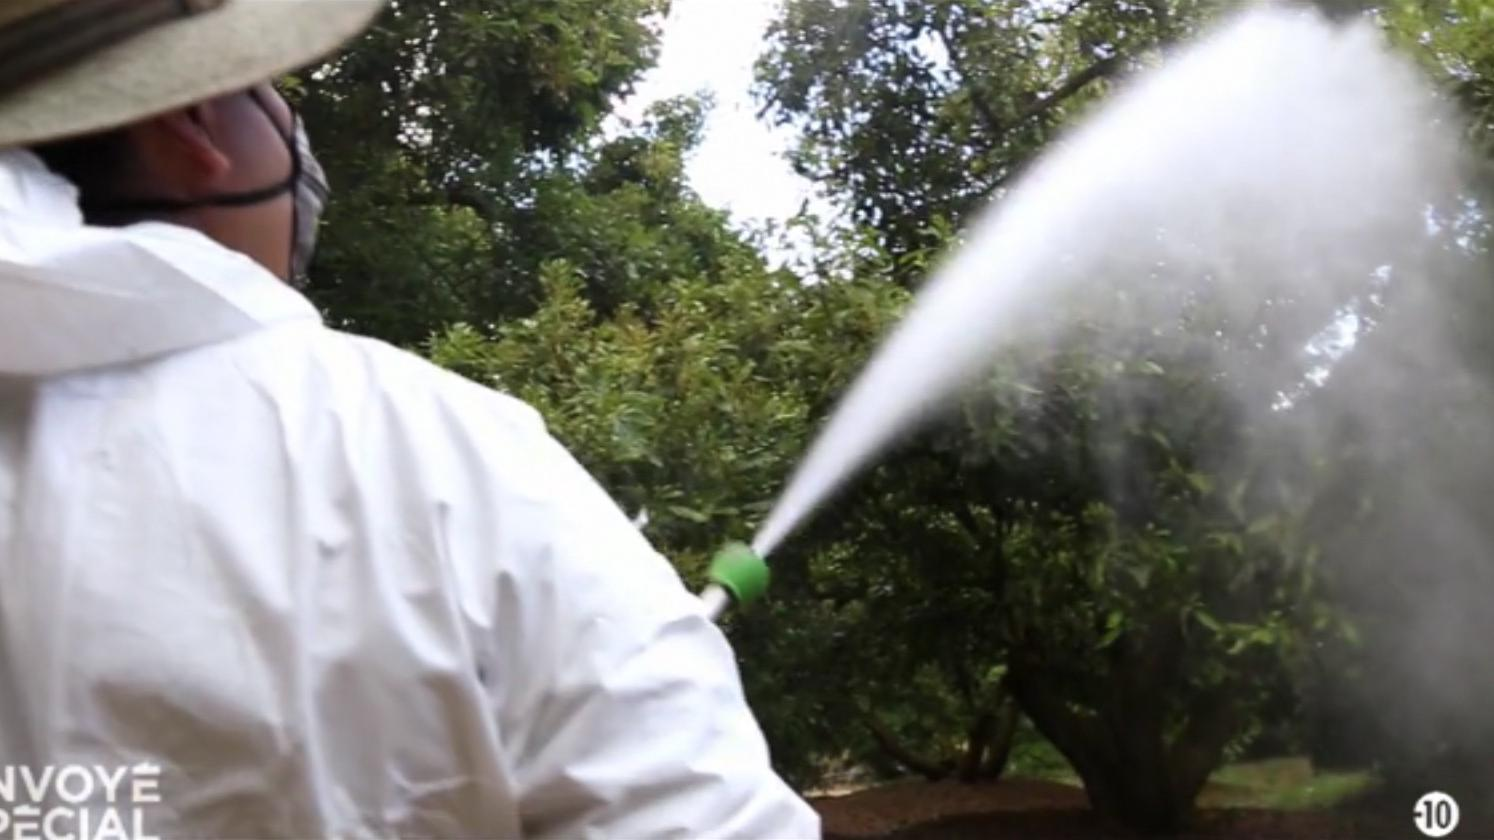 video les avocats du mexique bourr s de pesticides une catastrophe sanitaire. Black Bedroom Furniture Sets. Home Design Ideas